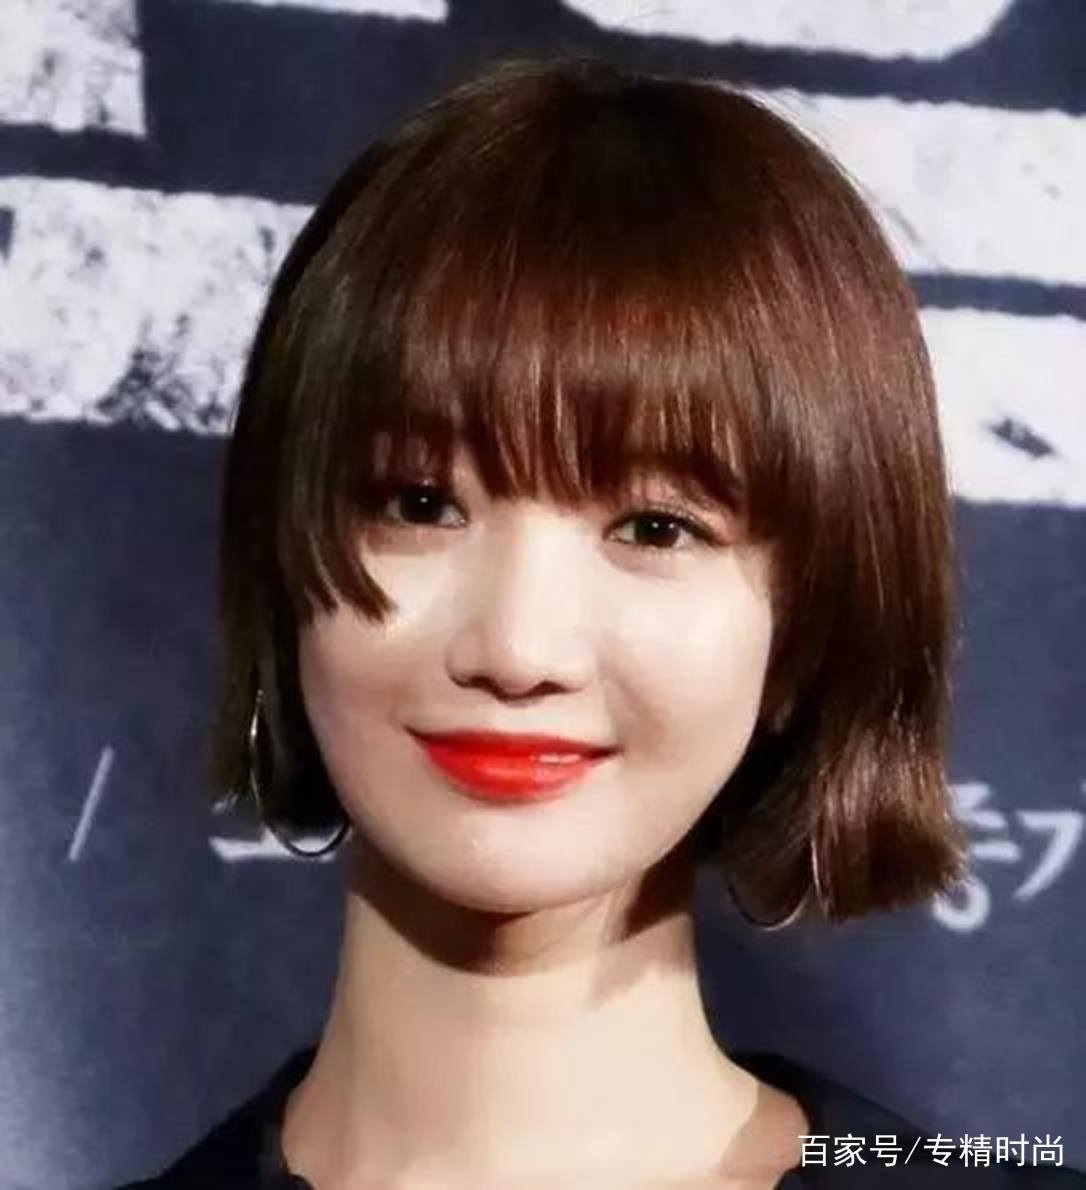 女明星流行发型大总结,公主切锁骨烫羊毛卷都上榜图片